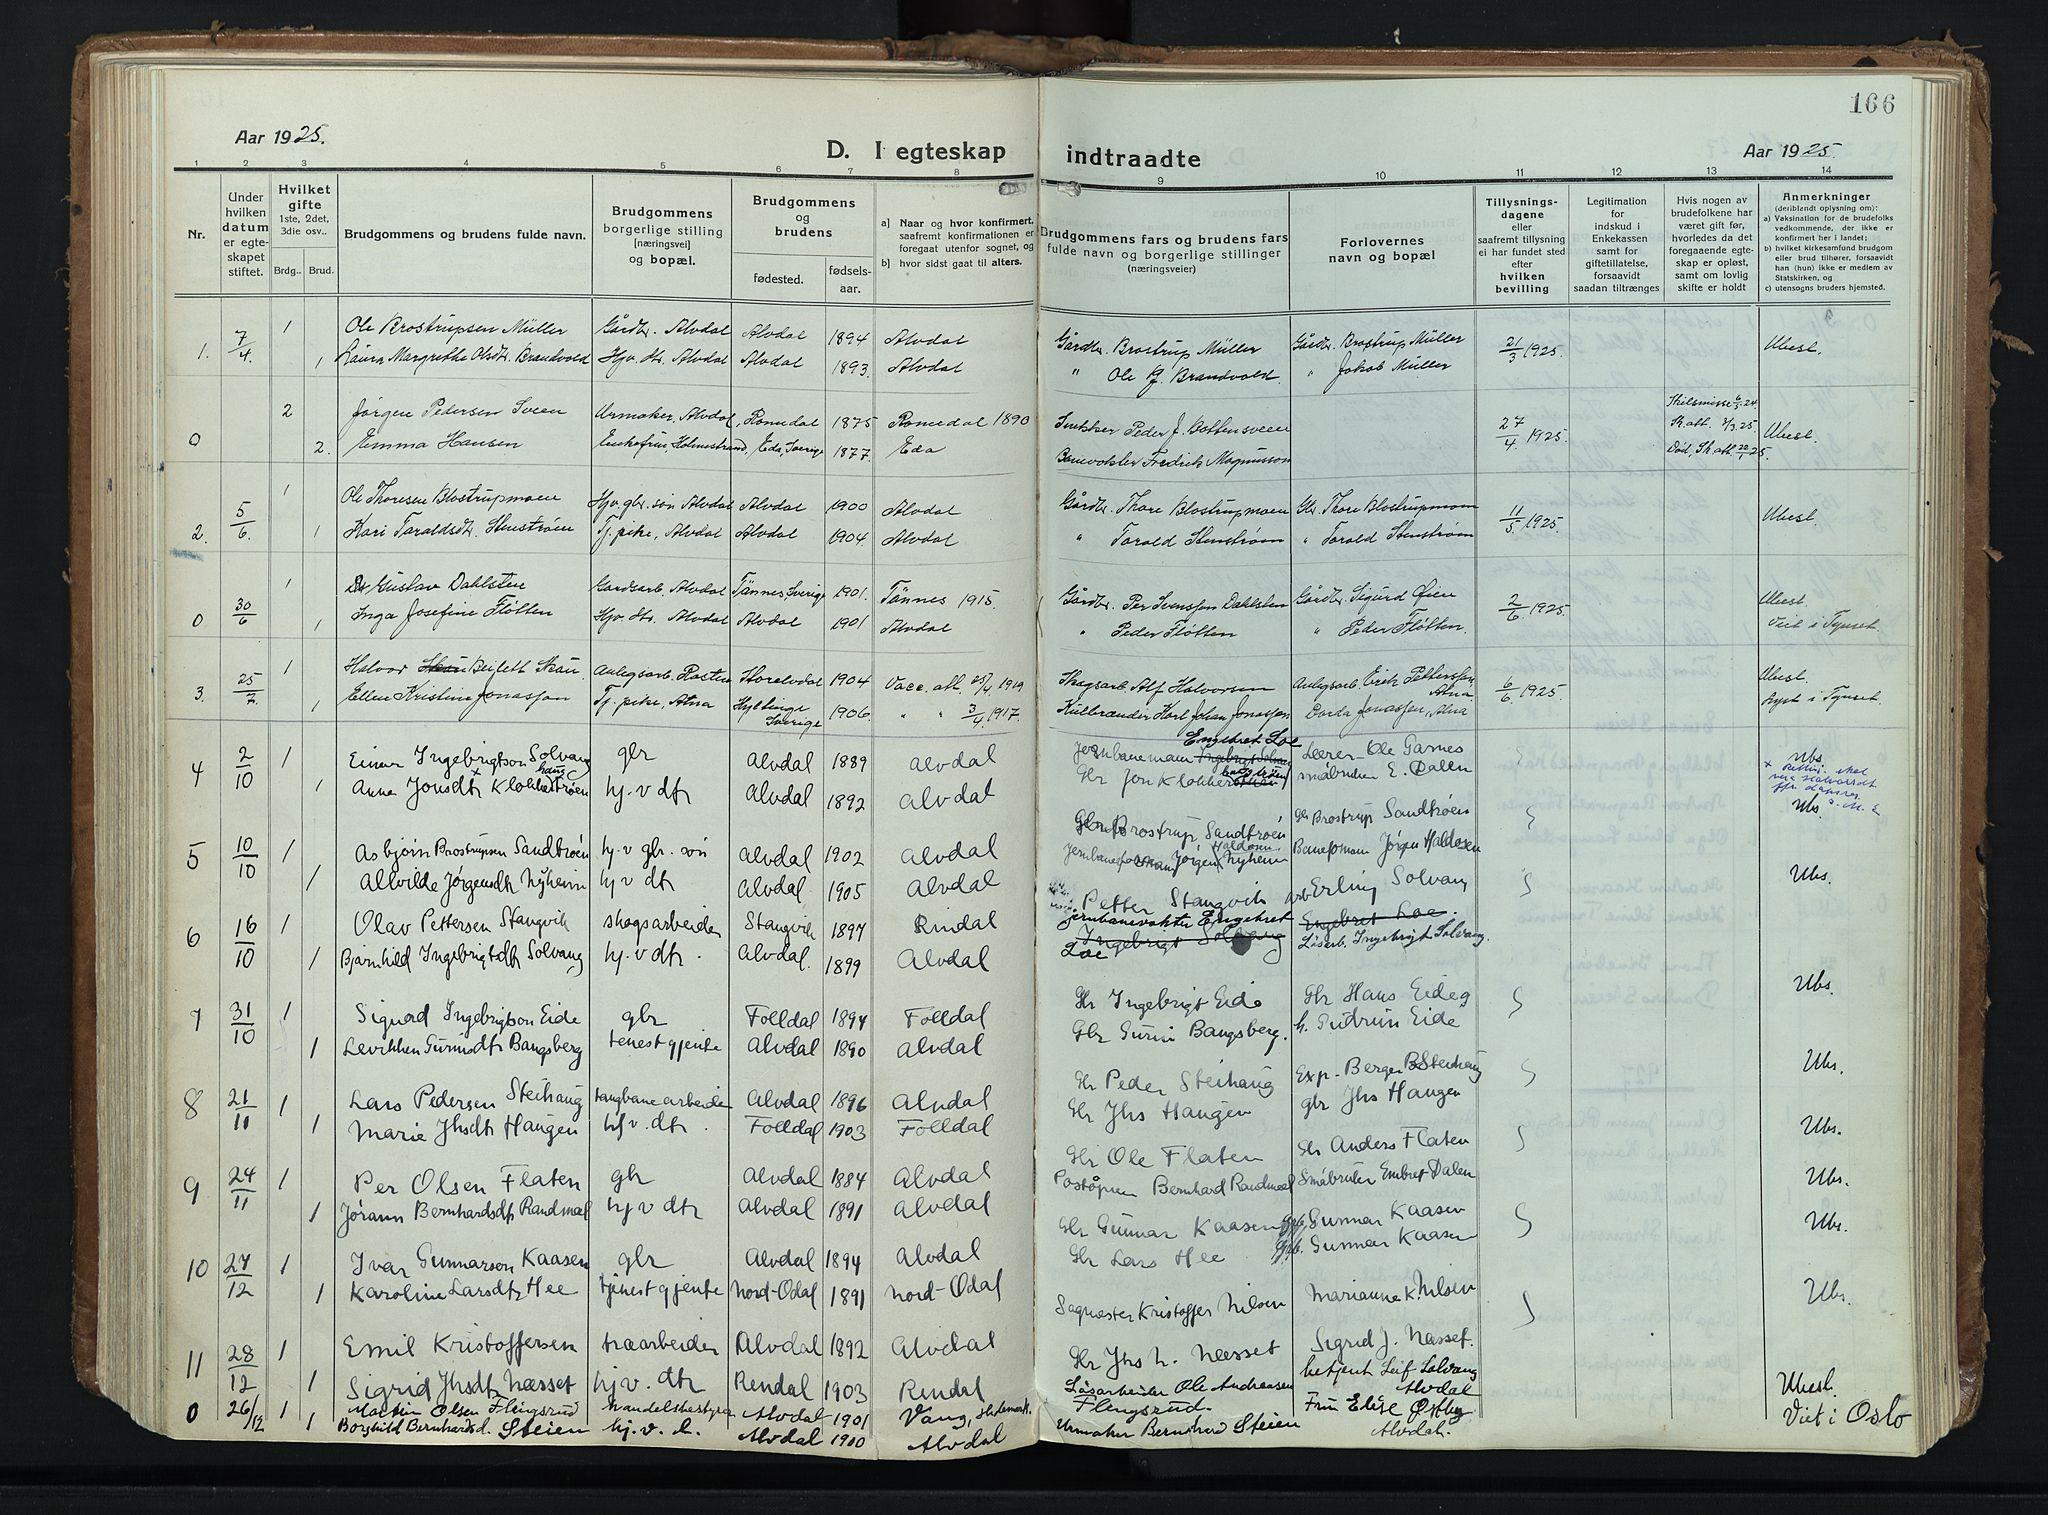 SAH, Alvdal prestekontor, Ministerialbok nr. 6, 1920-1937, s. 166